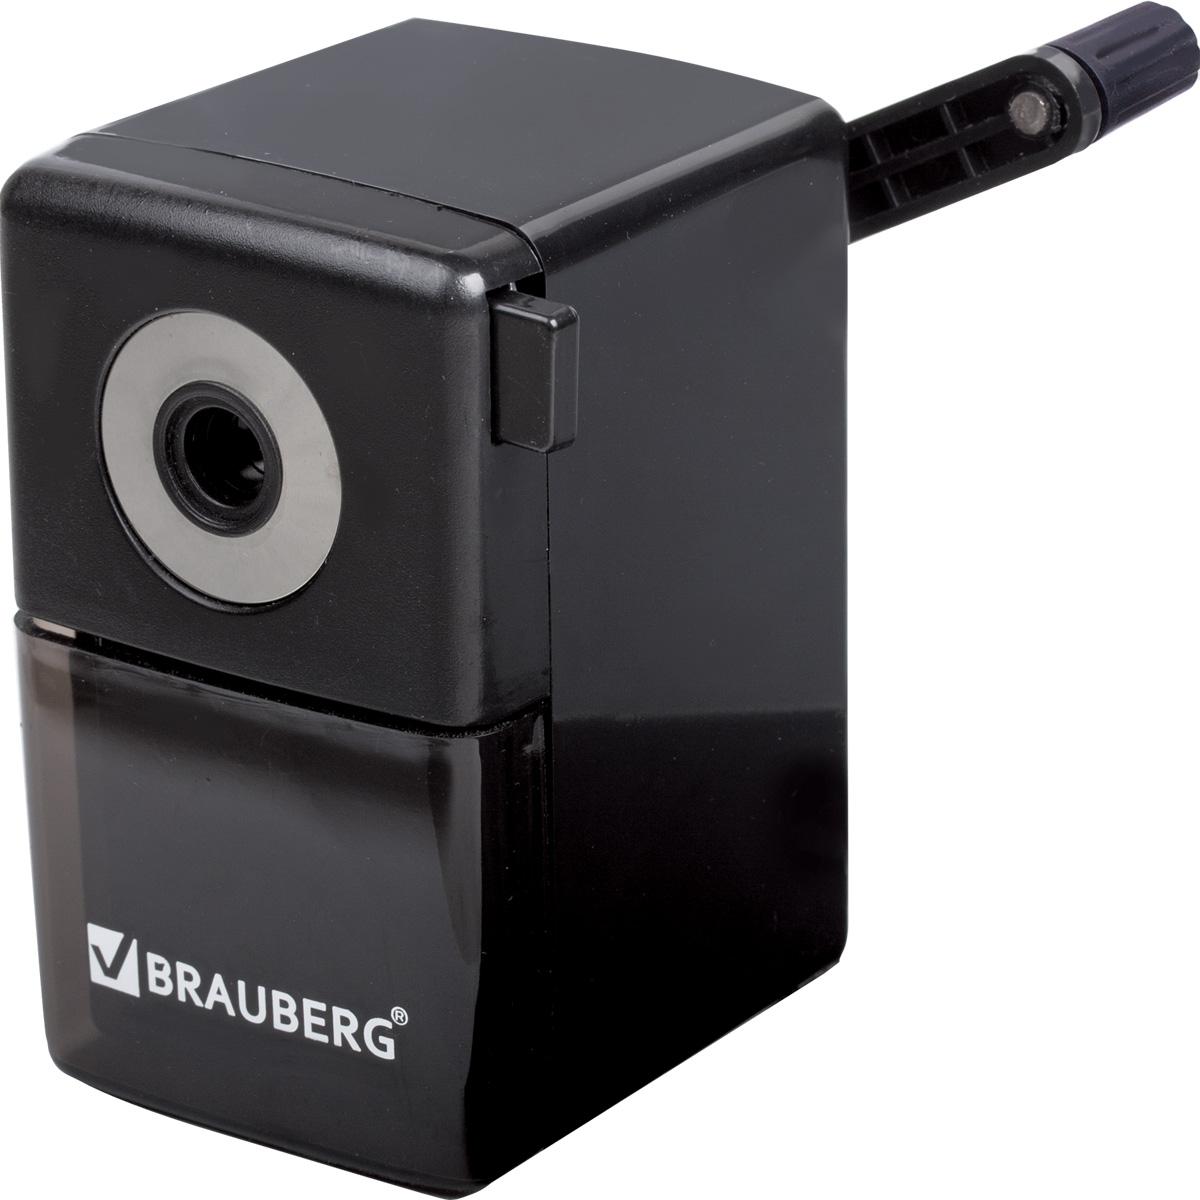 Brauberg Точилка BlackJack222516Точилка BraubergBlackJack, качественный металлический механизм обеспечивает лёгкое, равномерное затачивание карандашей и долговечность работы точилки. Специальный зажим для крепления к столу обеспечивает дополнительное удобство в использовании.